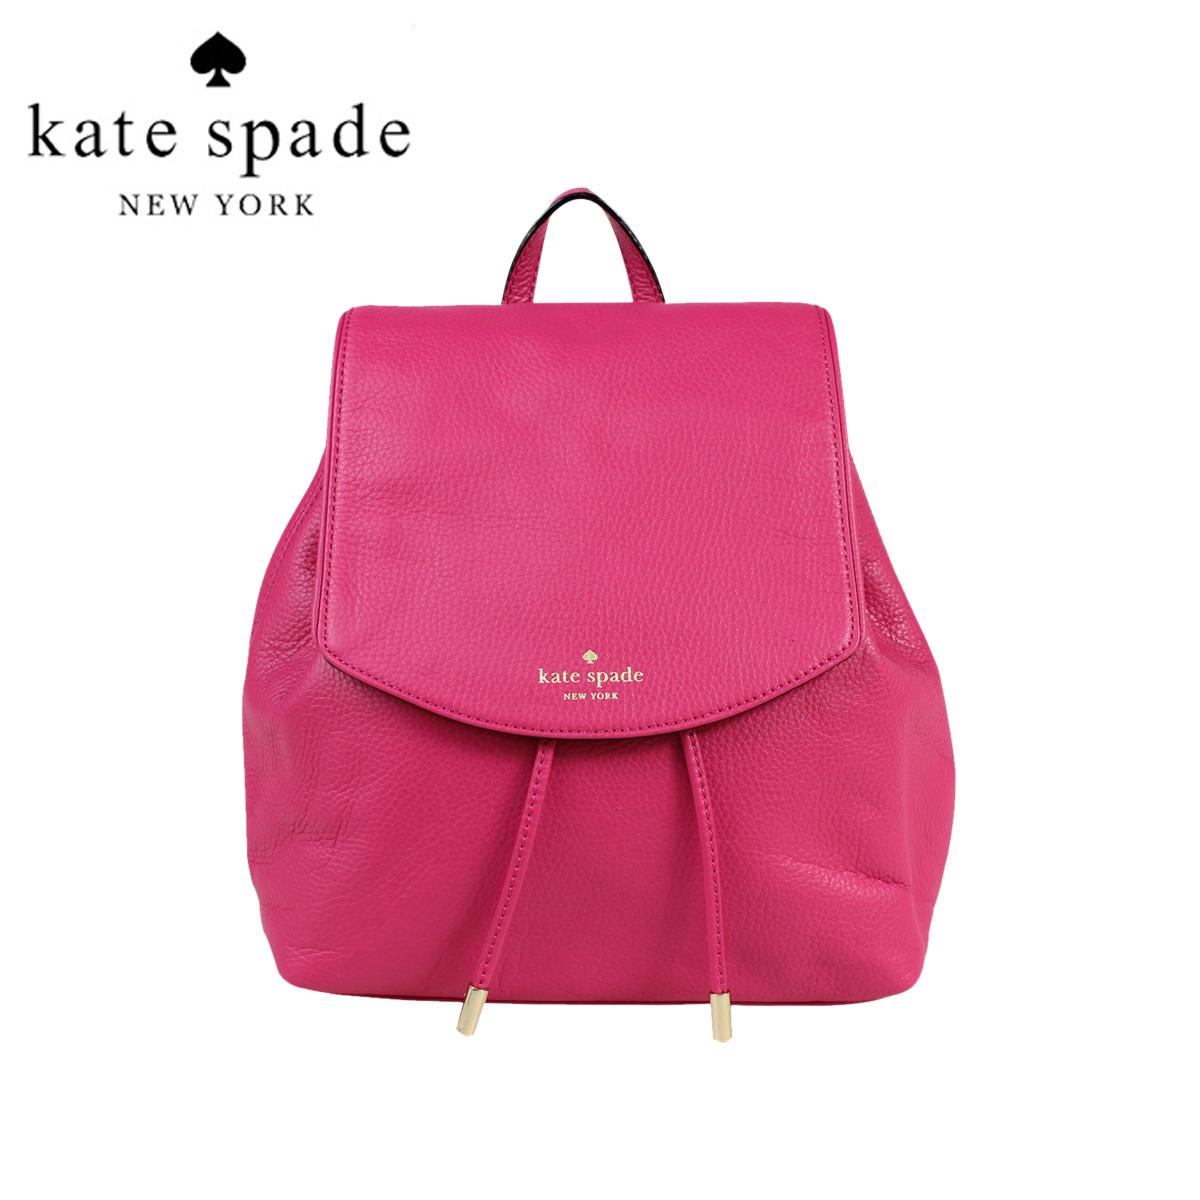 c485f21cb2 Kate spade Kate spade bag rucksack backpack WKRU3939 686 Pink ladies